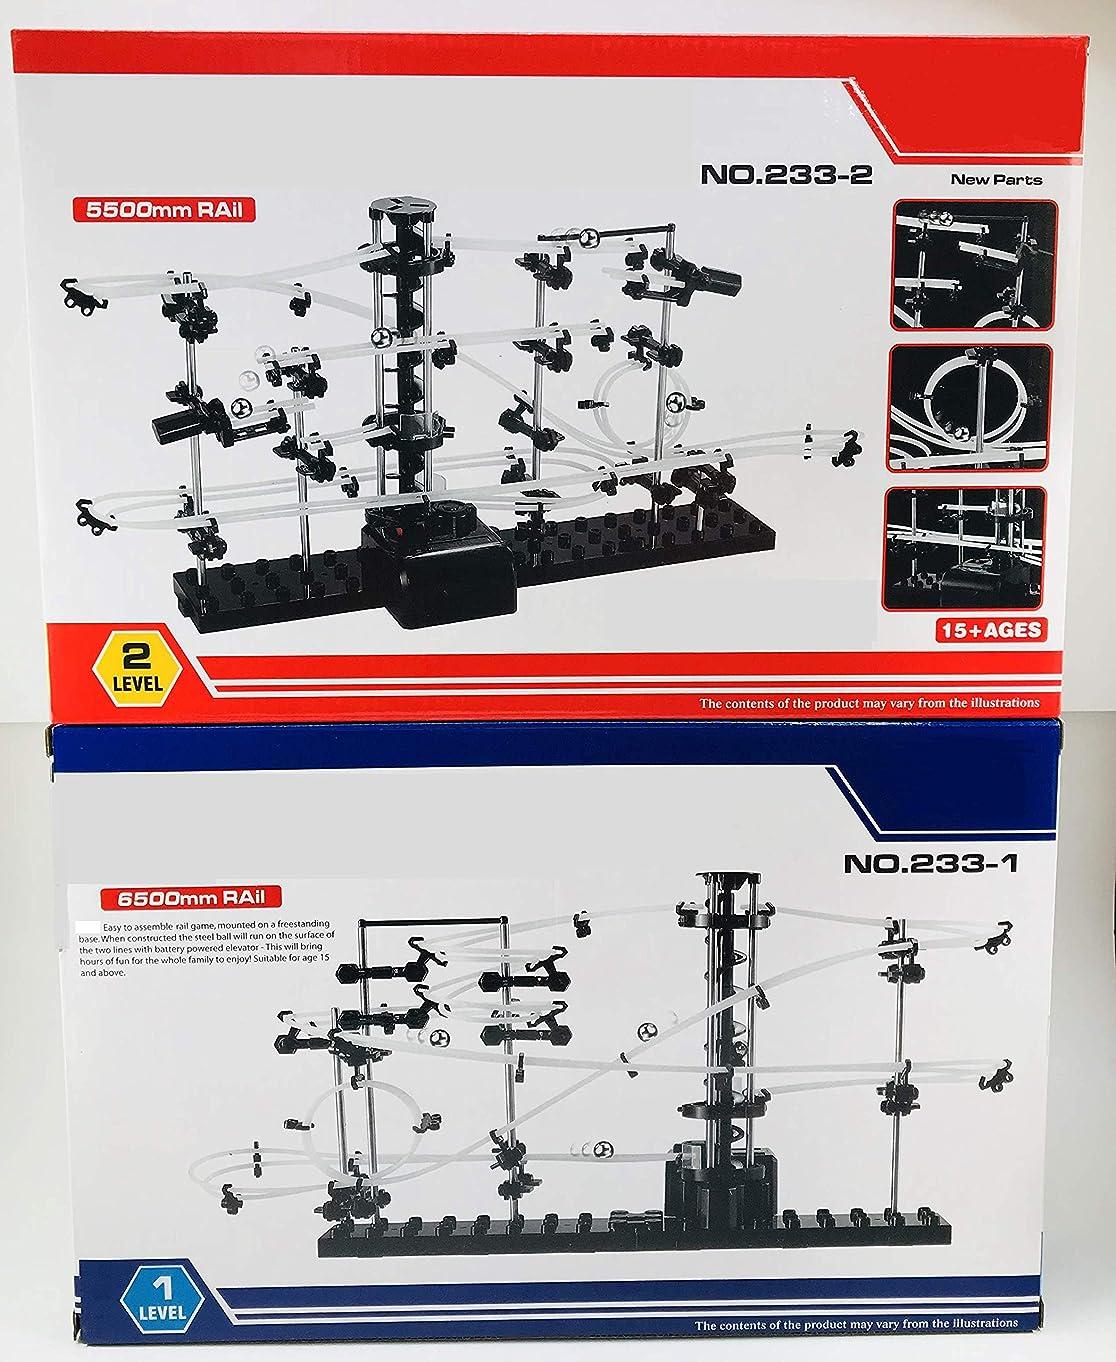 YESY Spacewarp Level 1 and 2 Gift Set Marble Coaster Construction Set